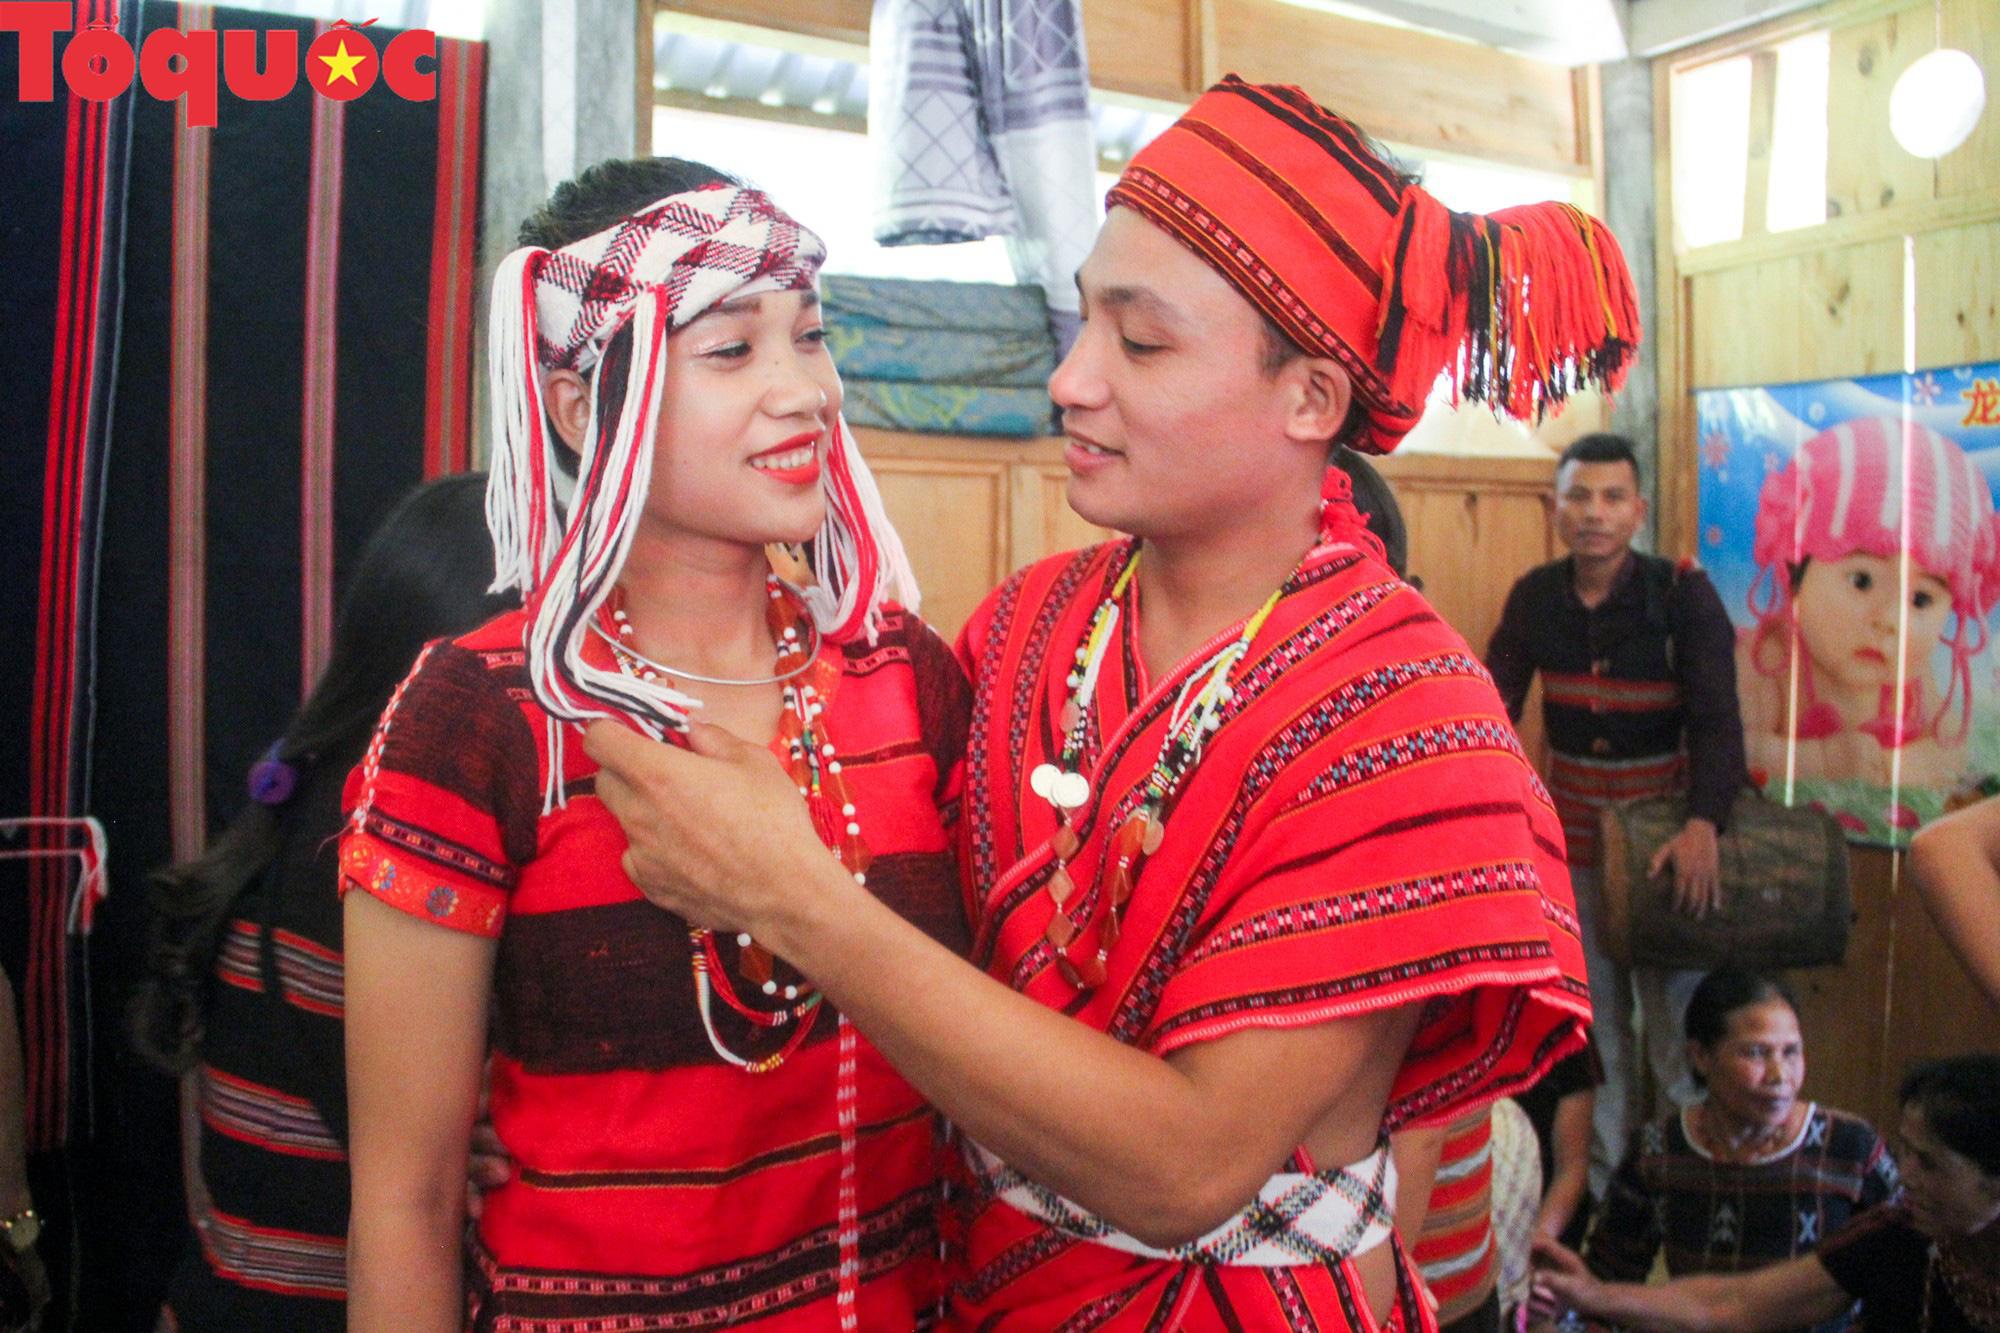 Độc đáo lễ cưới của người Pa Cô - Ảnh 2.